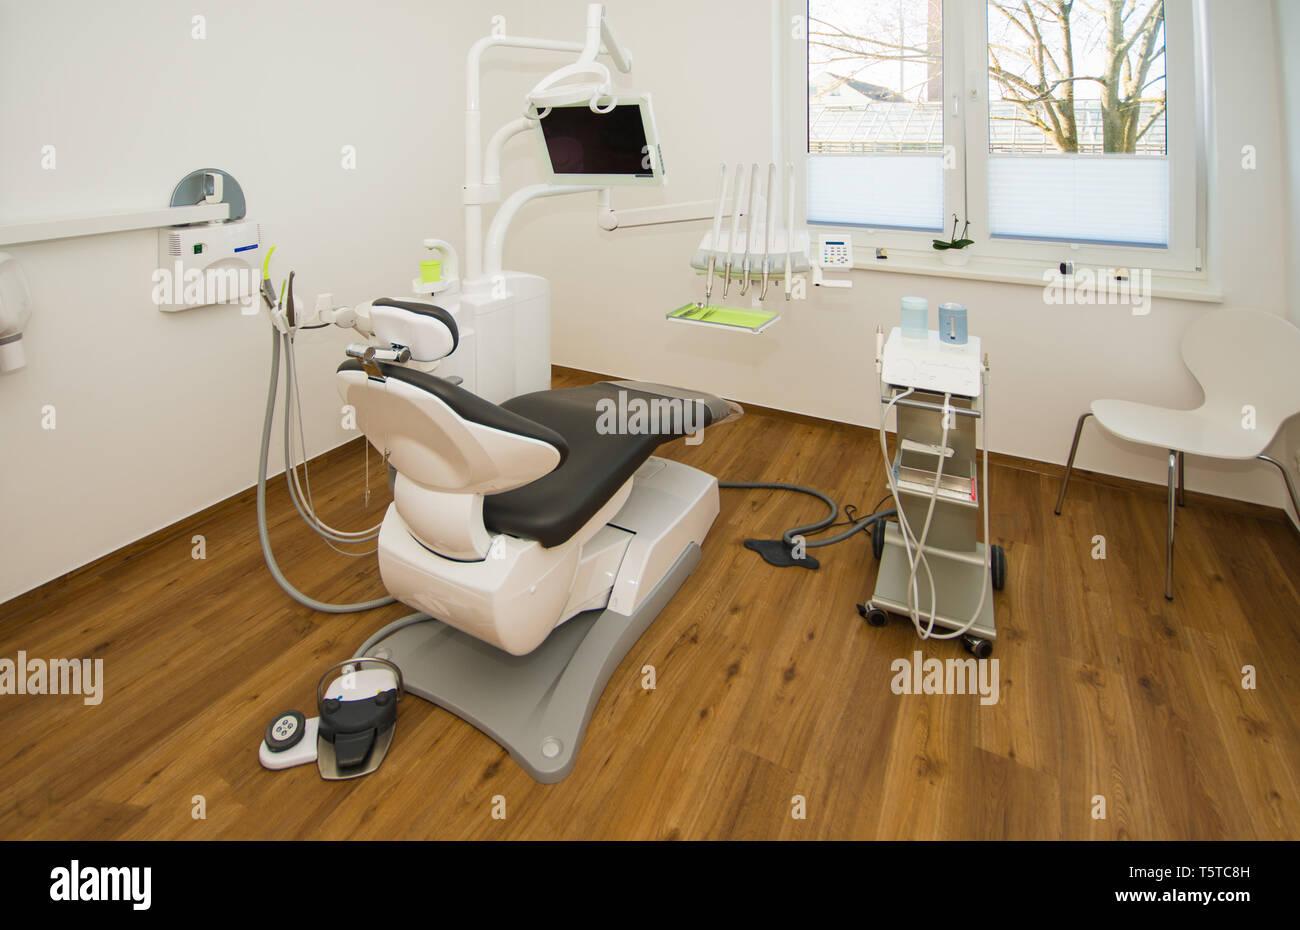 Einen neuen Zahnarzt Stuhl ist in der Zahnarztpraxis Behandlungsraum platziert Stockfoto